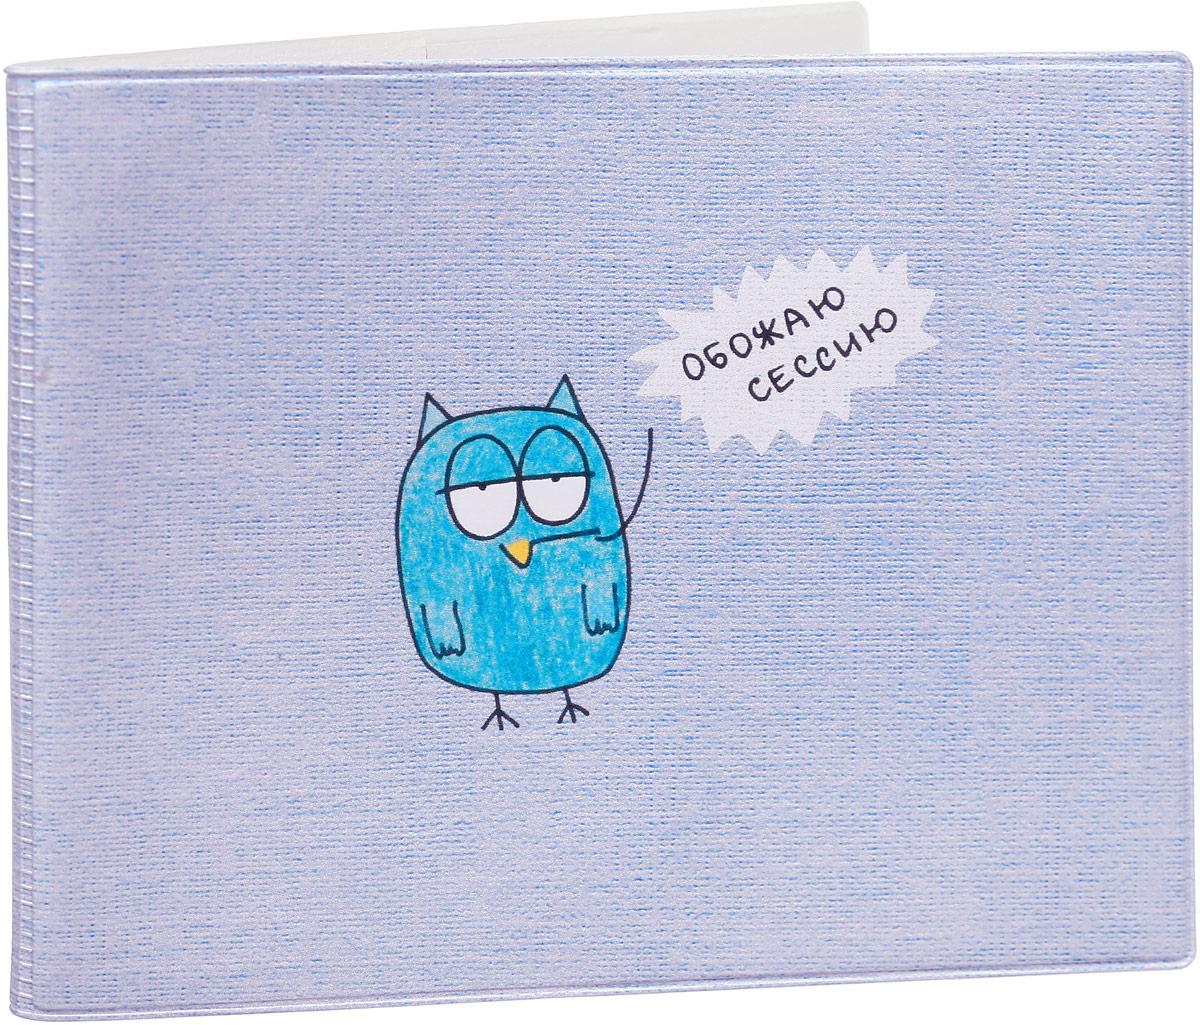 Обложка для зачетной книжки Kawaii Factory Обожаю сессию, цвет: голубой. KW067-000067W16-12123_811Обложка для зачетной книжки Kawaii Factory Обожаю сессию выполнена из легкого и прочного ПВХ, который надежно защищает важные документы от пыли и влаги. Рисунок нанесён специальным образом и защищён от стирания. Изделие раскладывается пополам. Внутри размещены два накладных прозрачных кармашка.